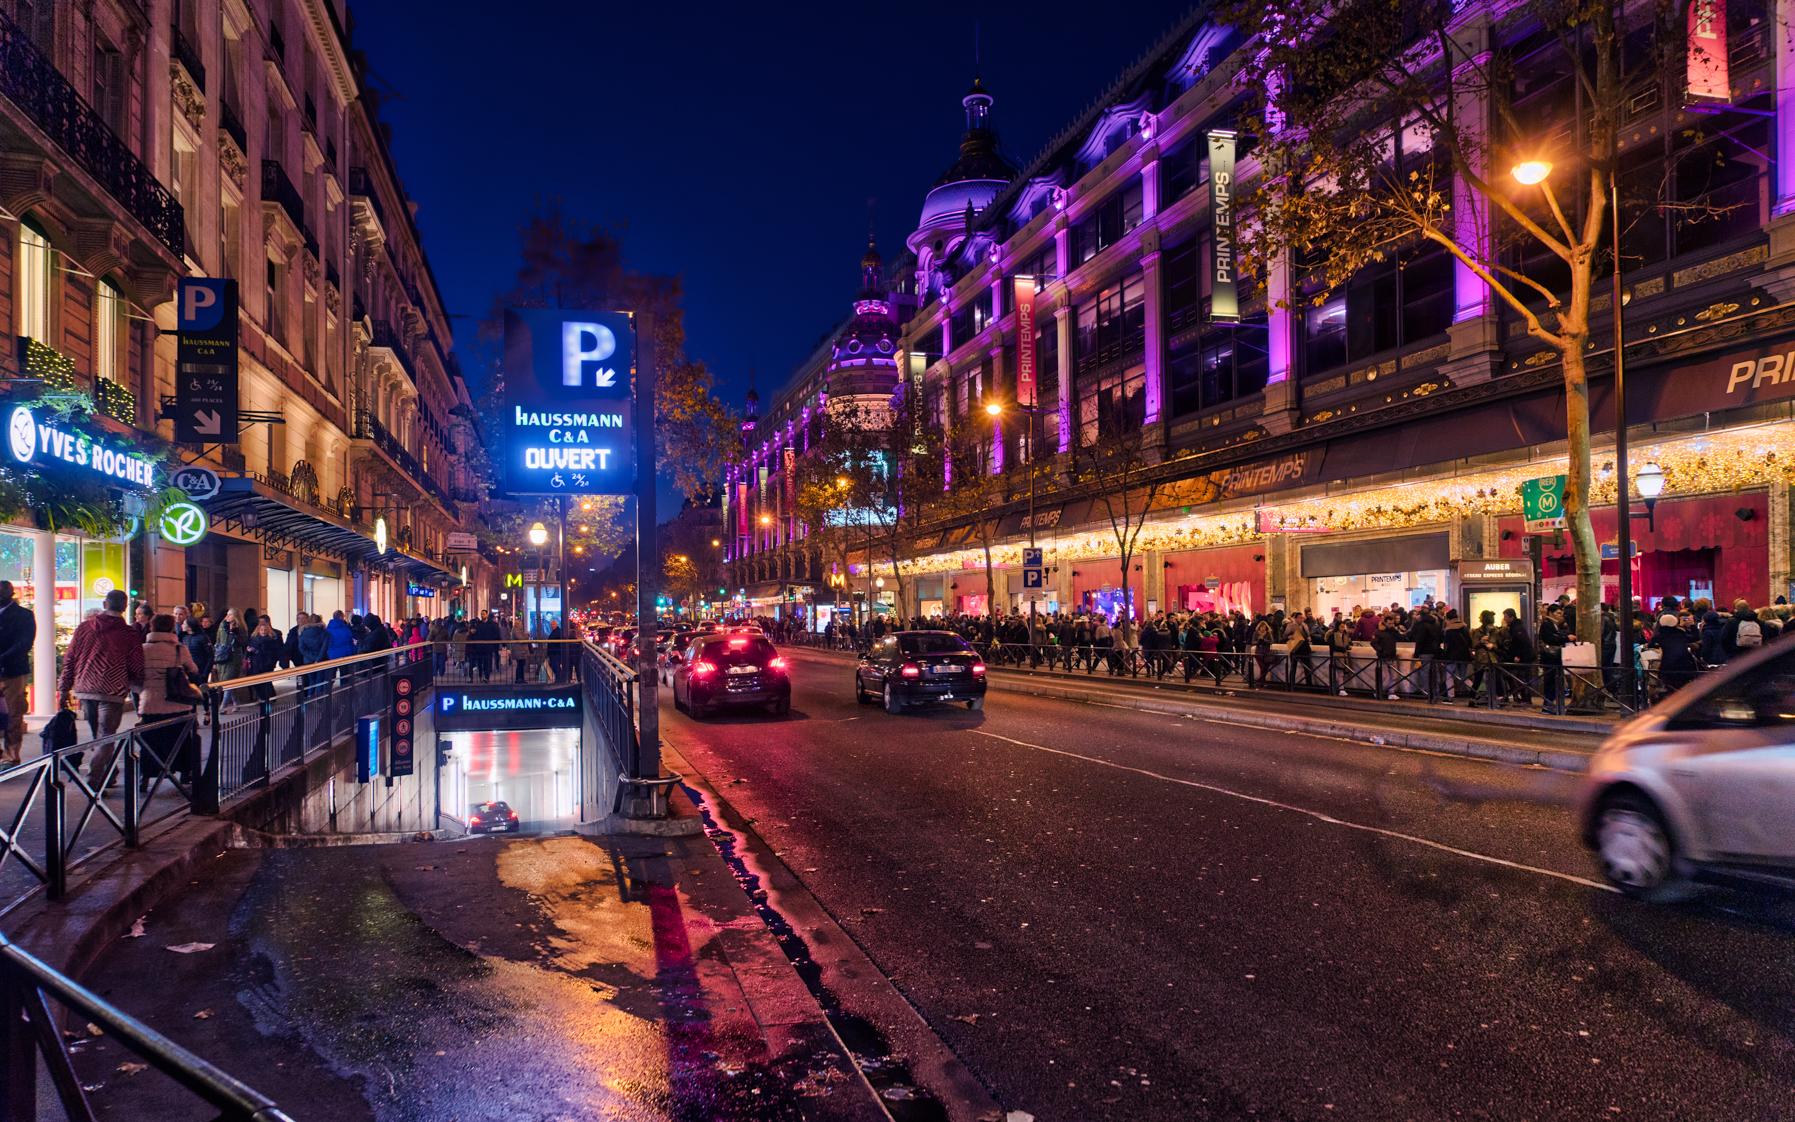 France-Paris-Christmas-street-scene-HDR1.jpg